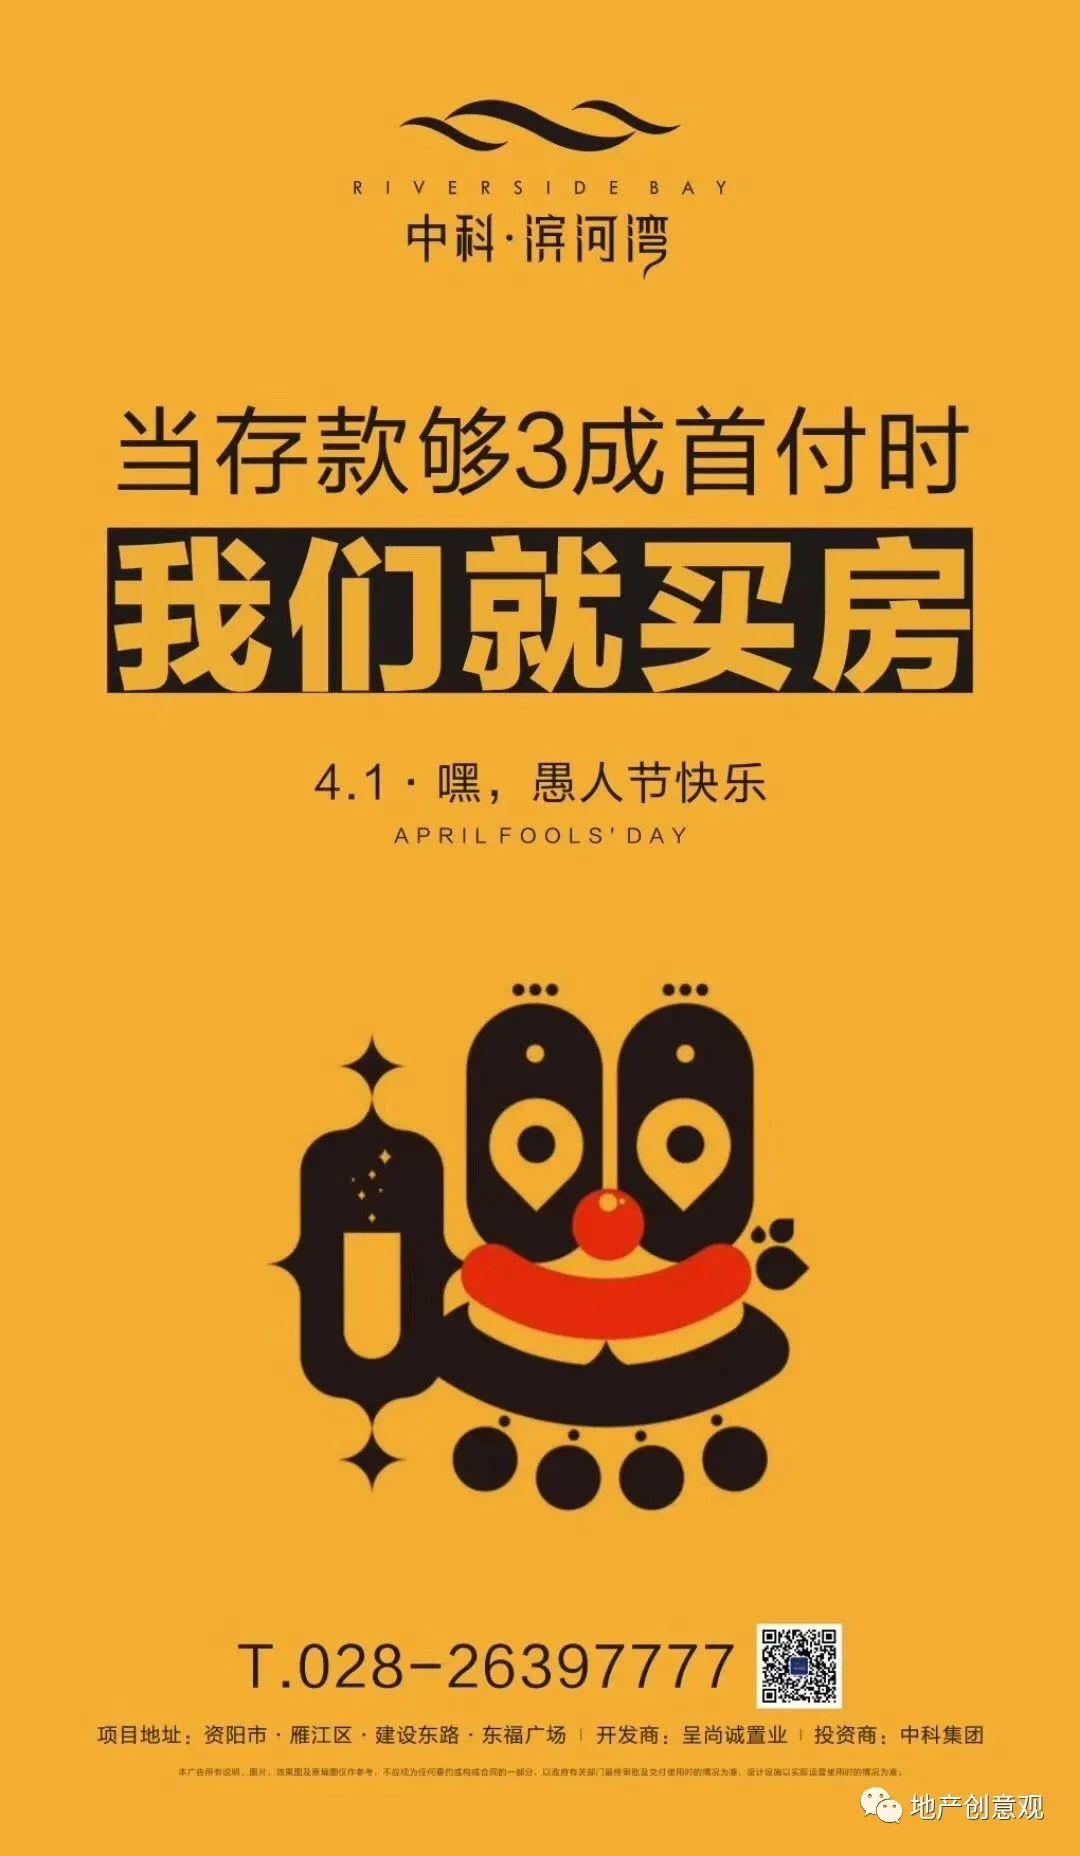 地产广告丨2021愚人节借势海报文案欣赏~插图186